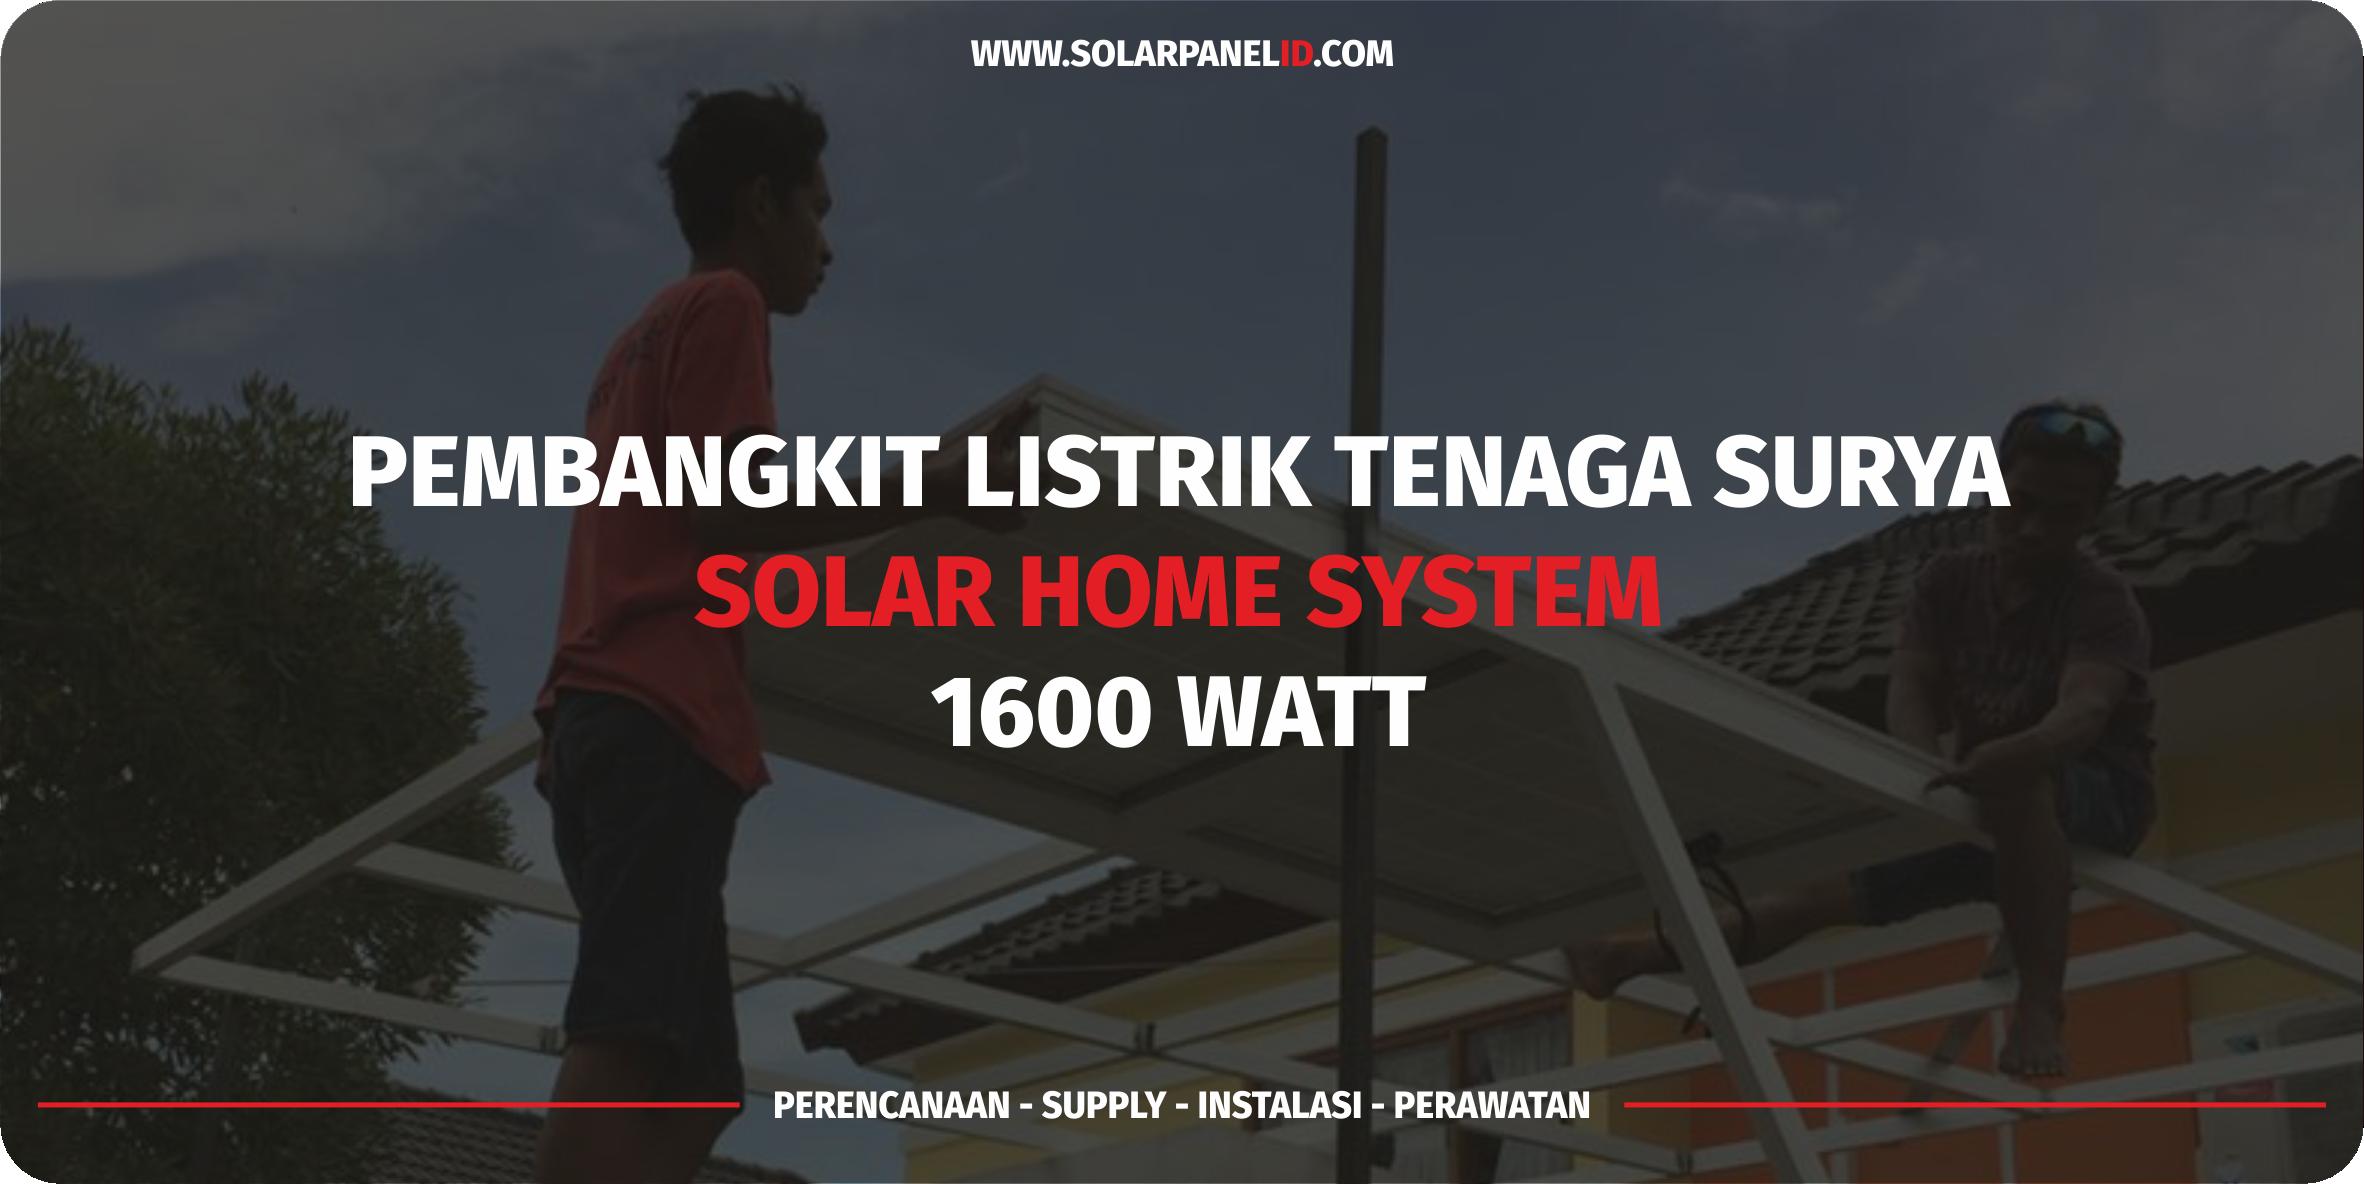 jual paket solar home system tenaga surya 1600watt 1600 watt